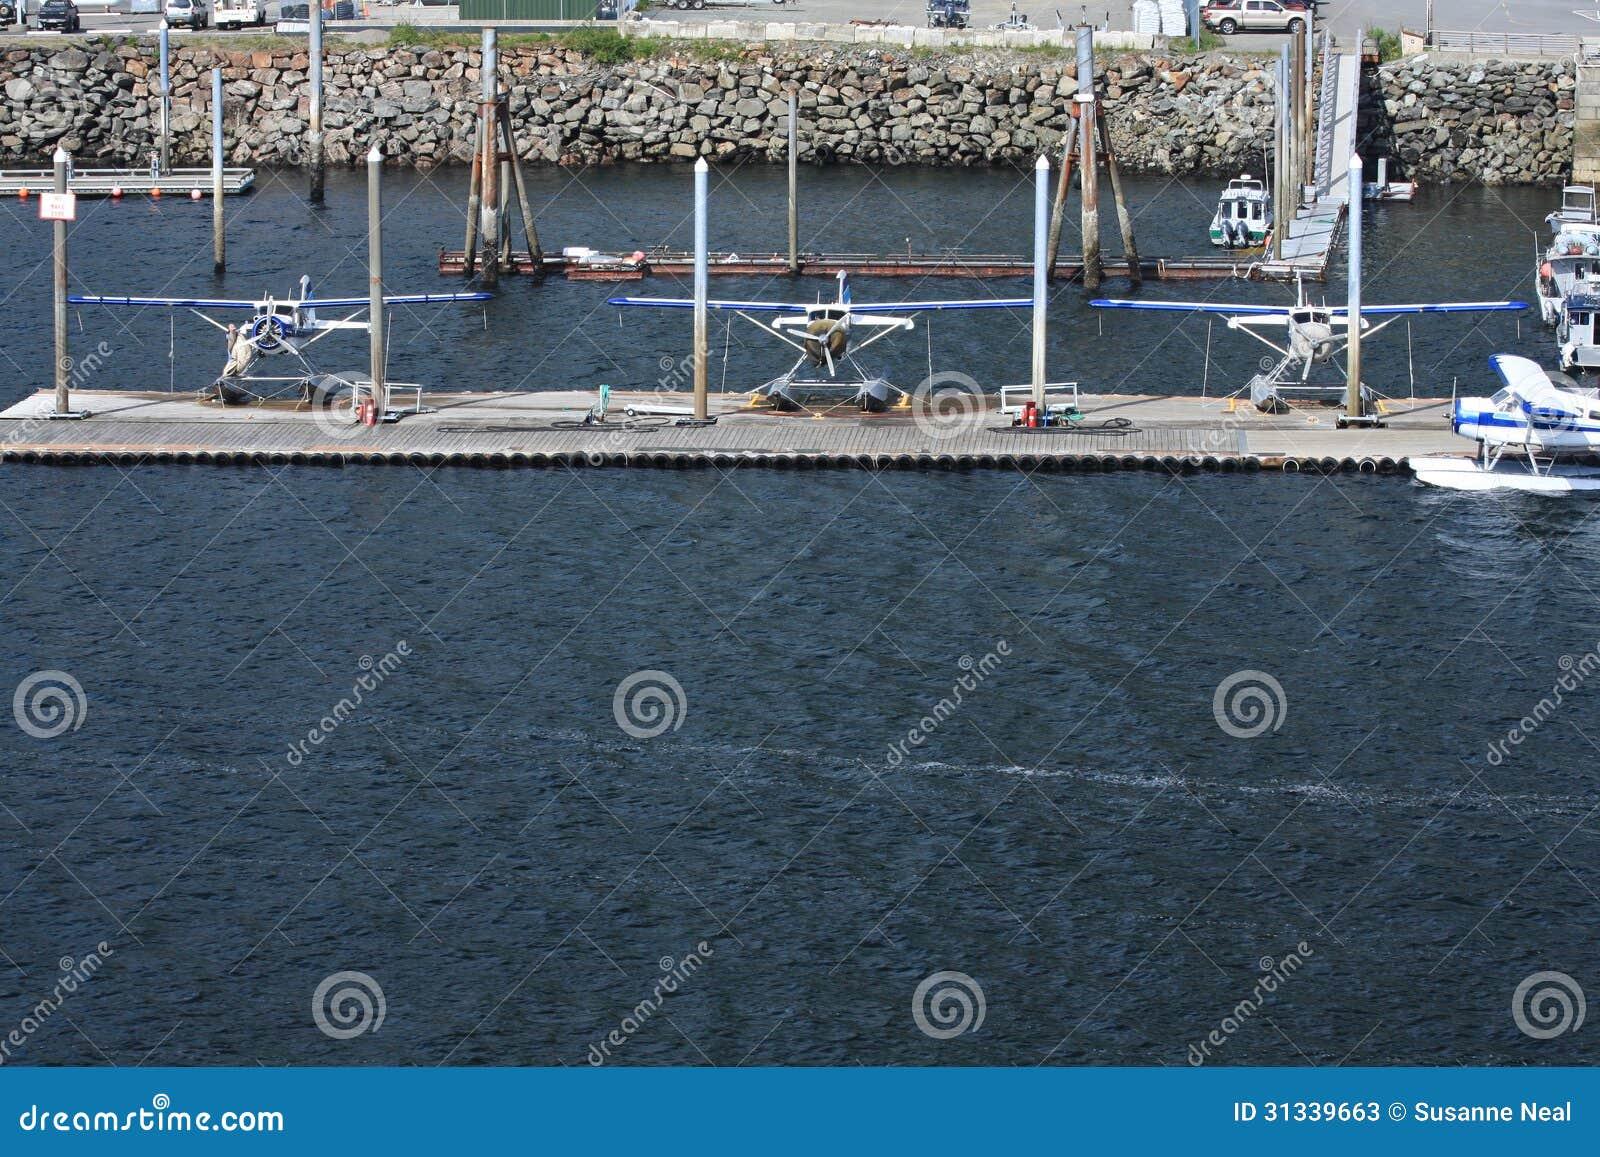 Three docked float planes in Ketchikan, Alaska